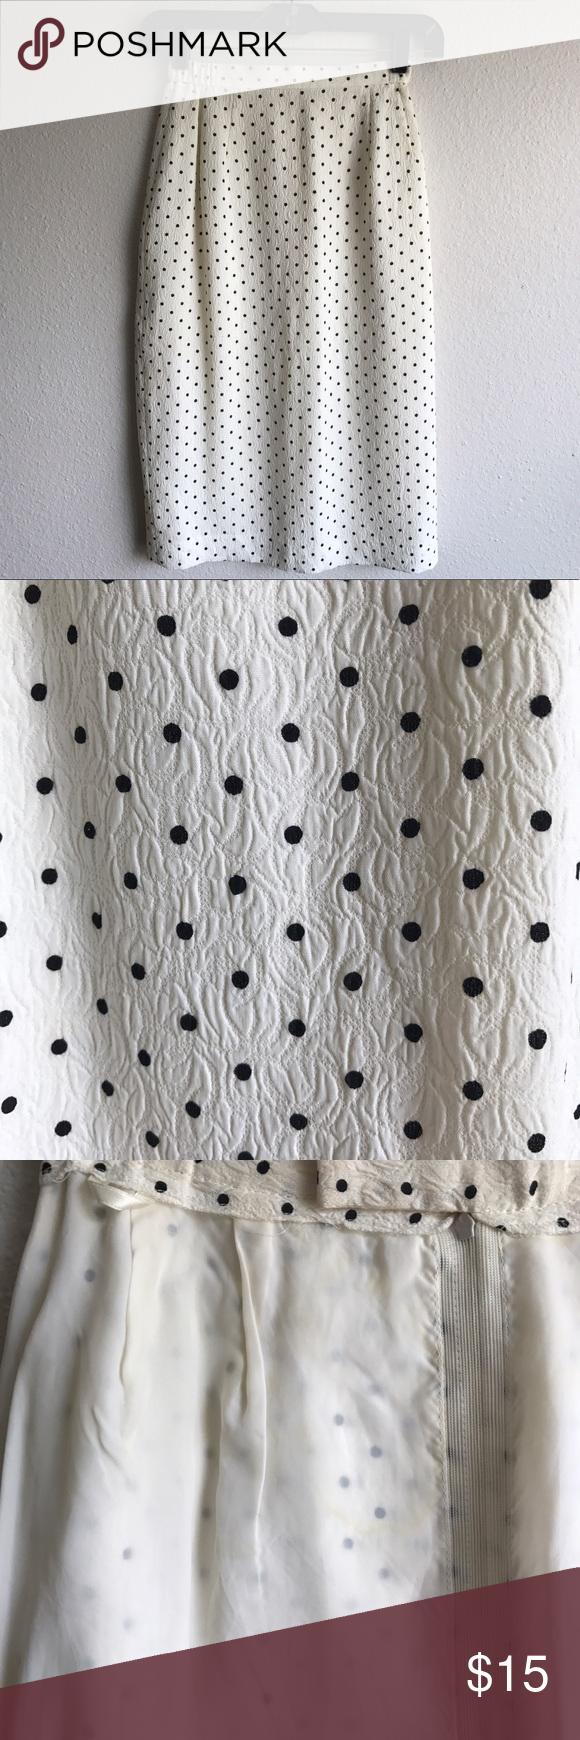 Cream skirt with black polkadots | Cream skirt, Black cream and ...